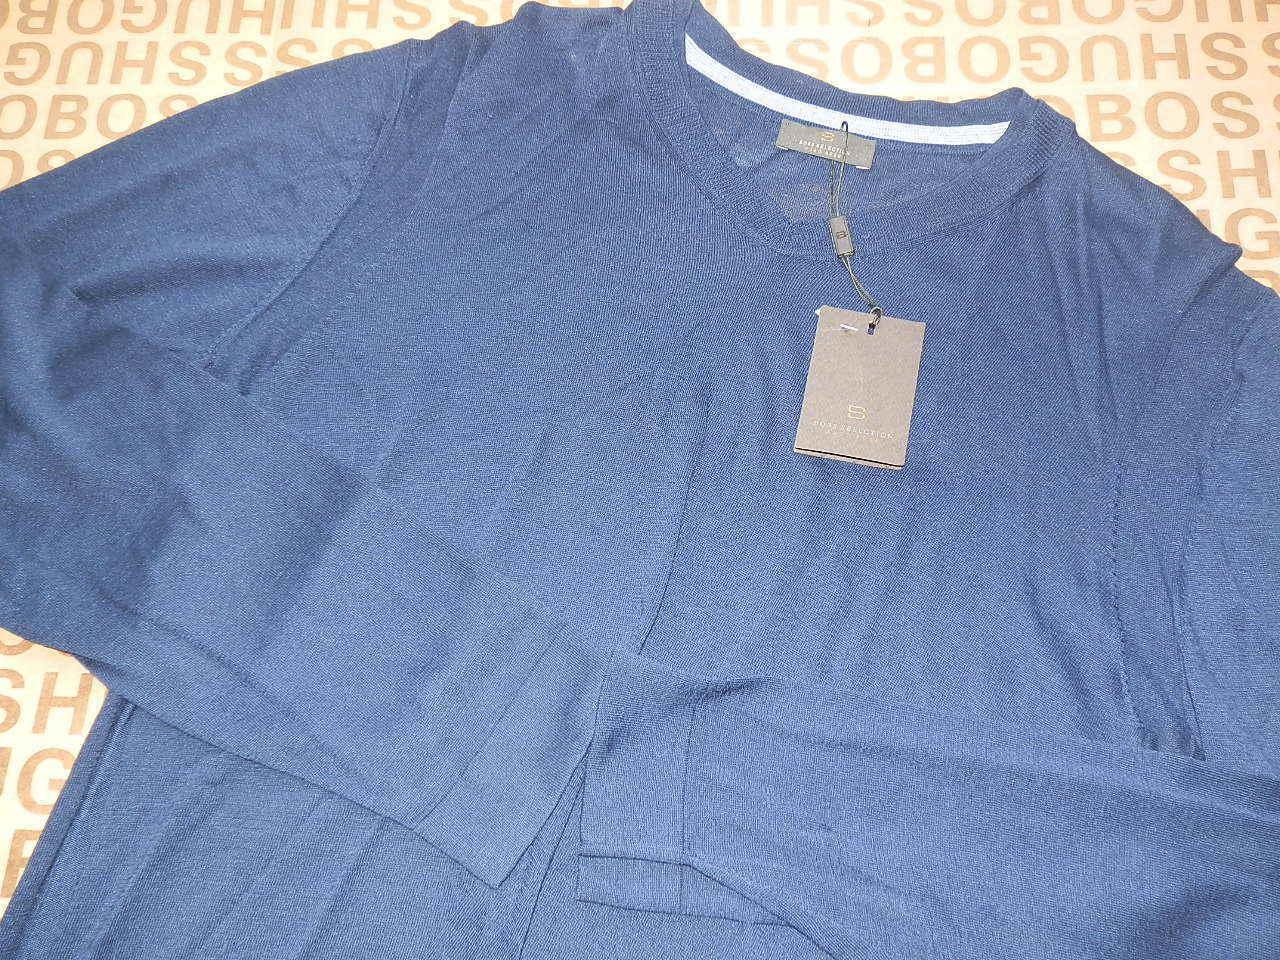 NEW HUGO BOSS MENS blueE SELECTION SHIRT KNITWEAR SWEATER CARDIGAN JUMPER TOP XL